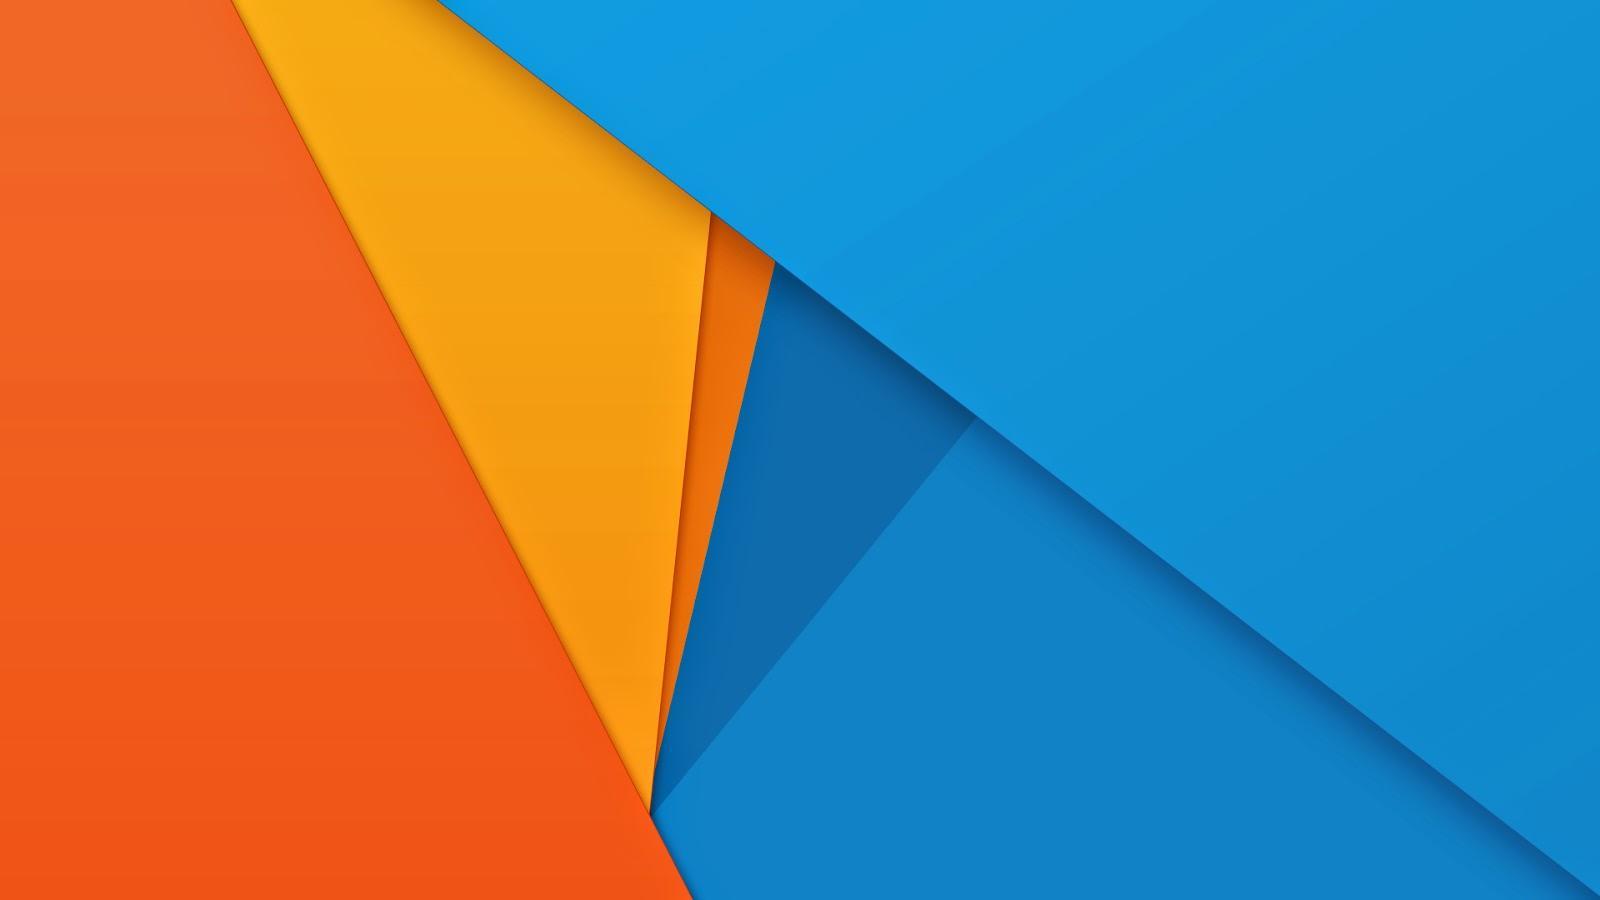 Download Wallpaper Material Design